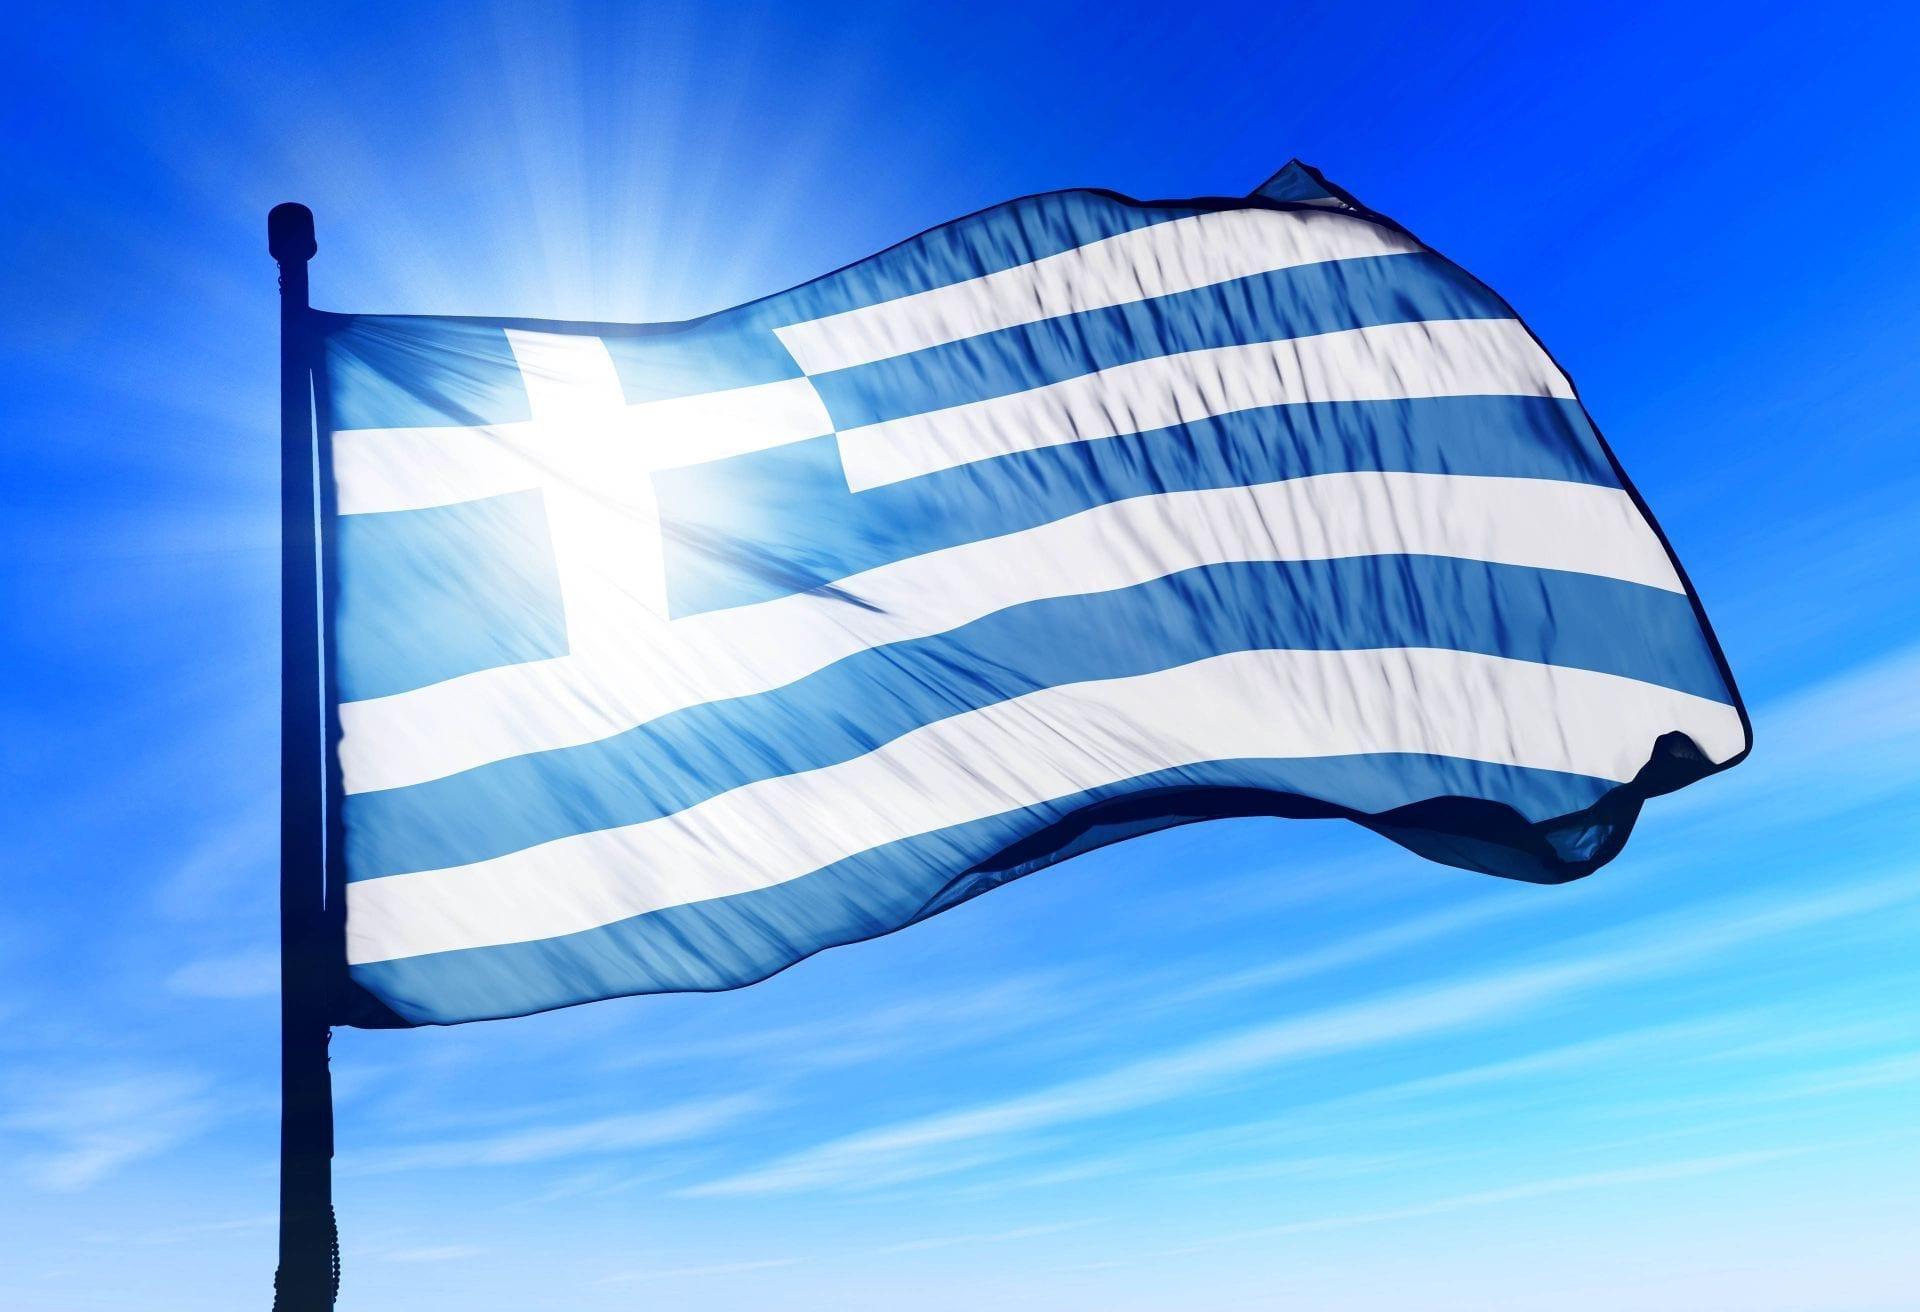 Yunanistan'ın Başkenti ve Para Birimi Nedir? Yunanistan'ın Bayrağı Nasıldır?